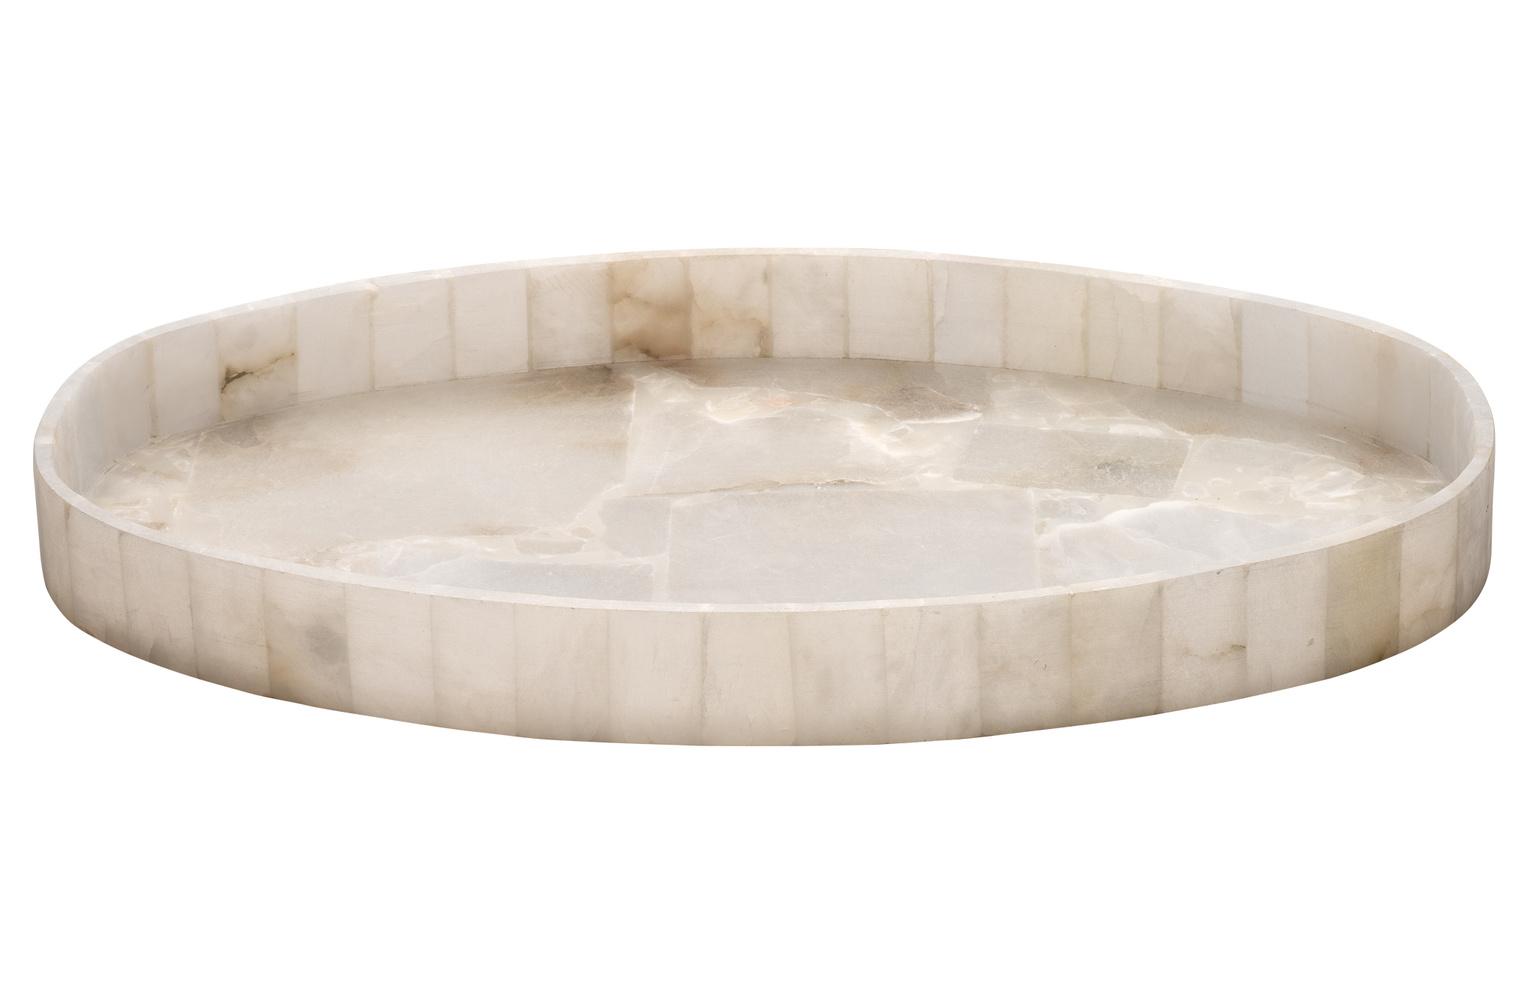 Oval Alabaster Tray   20x12x2h  JYALATRL